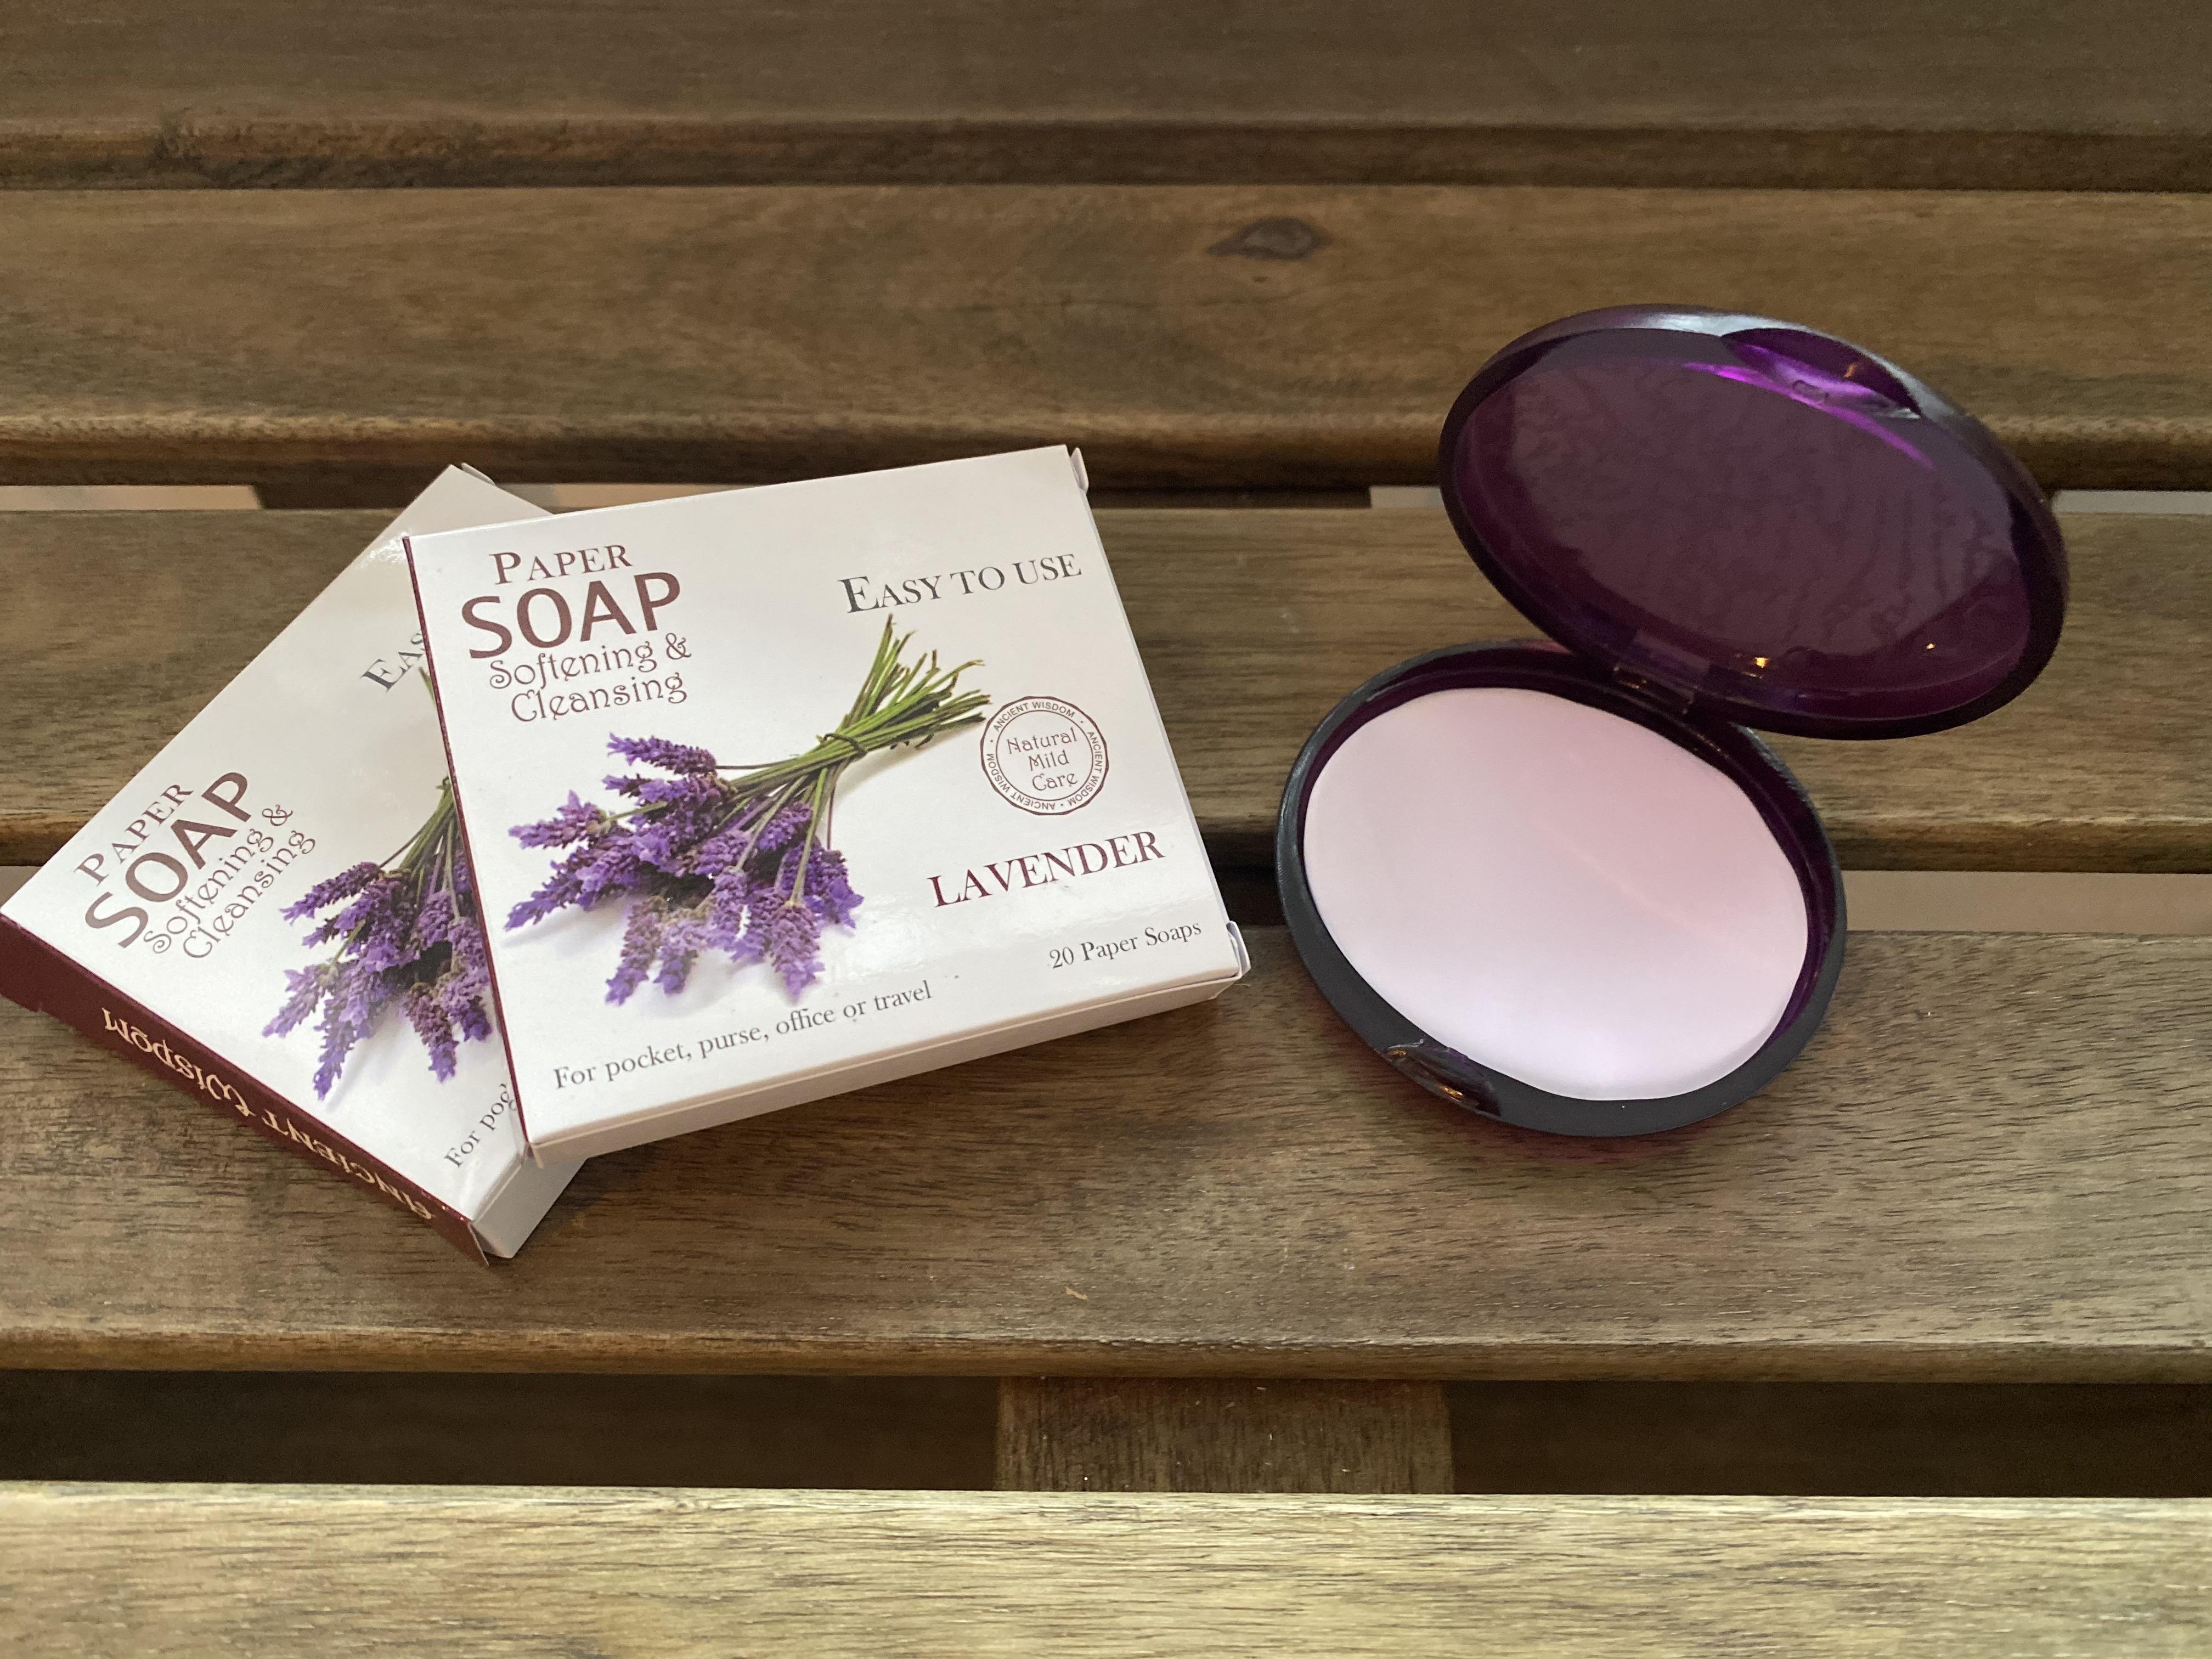 Paper Soap Lavender